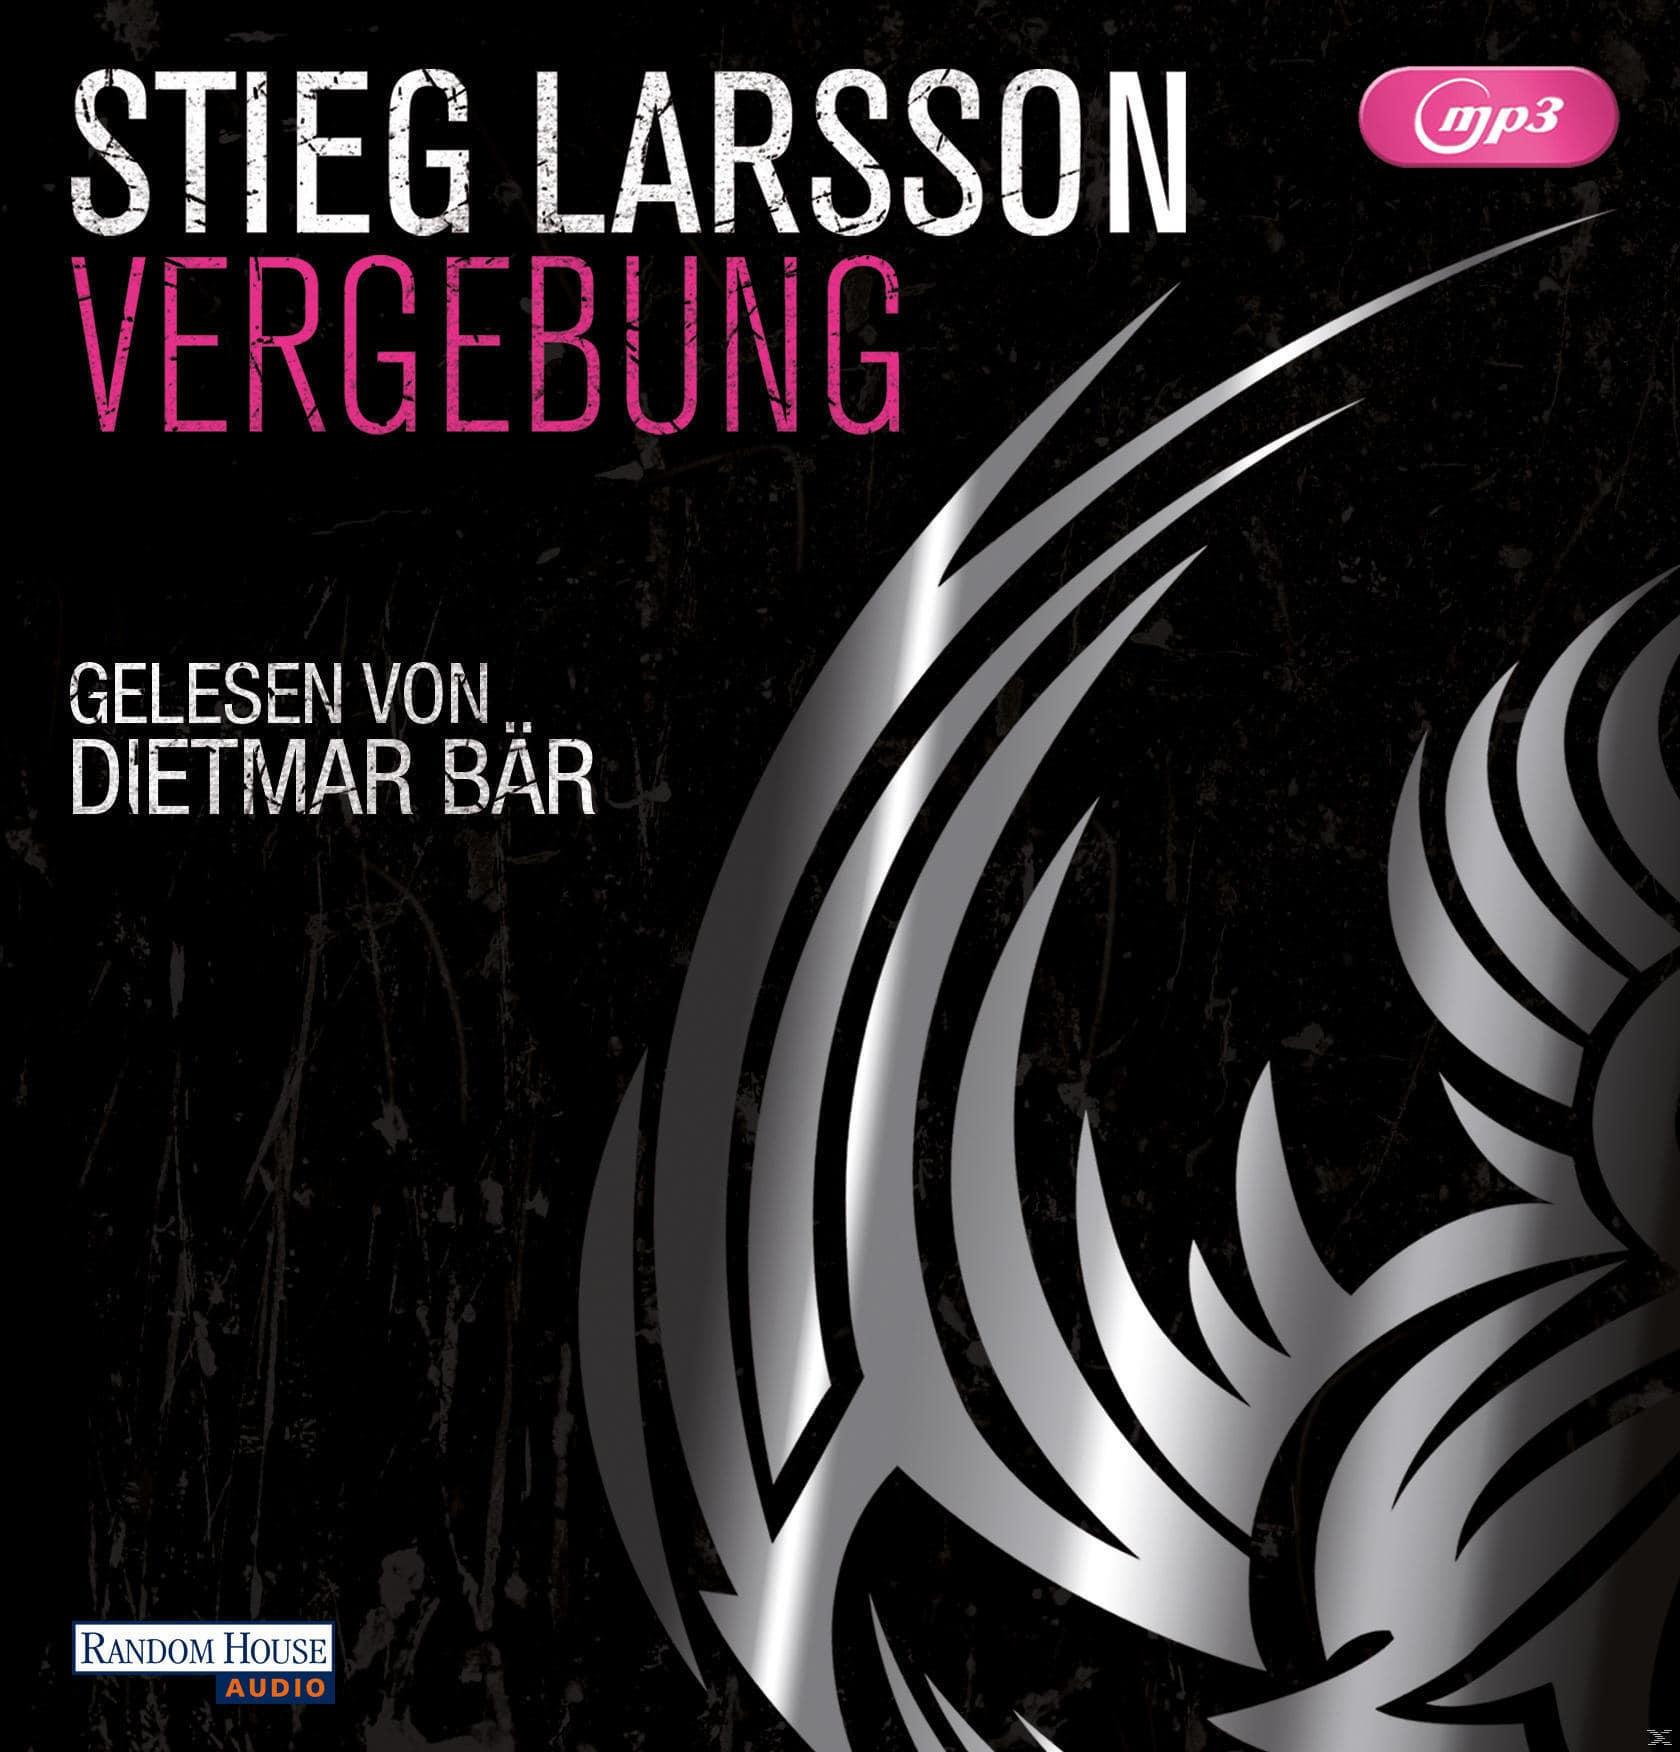 Vergebung (MP3-CD(s)) für 9,99 Euro